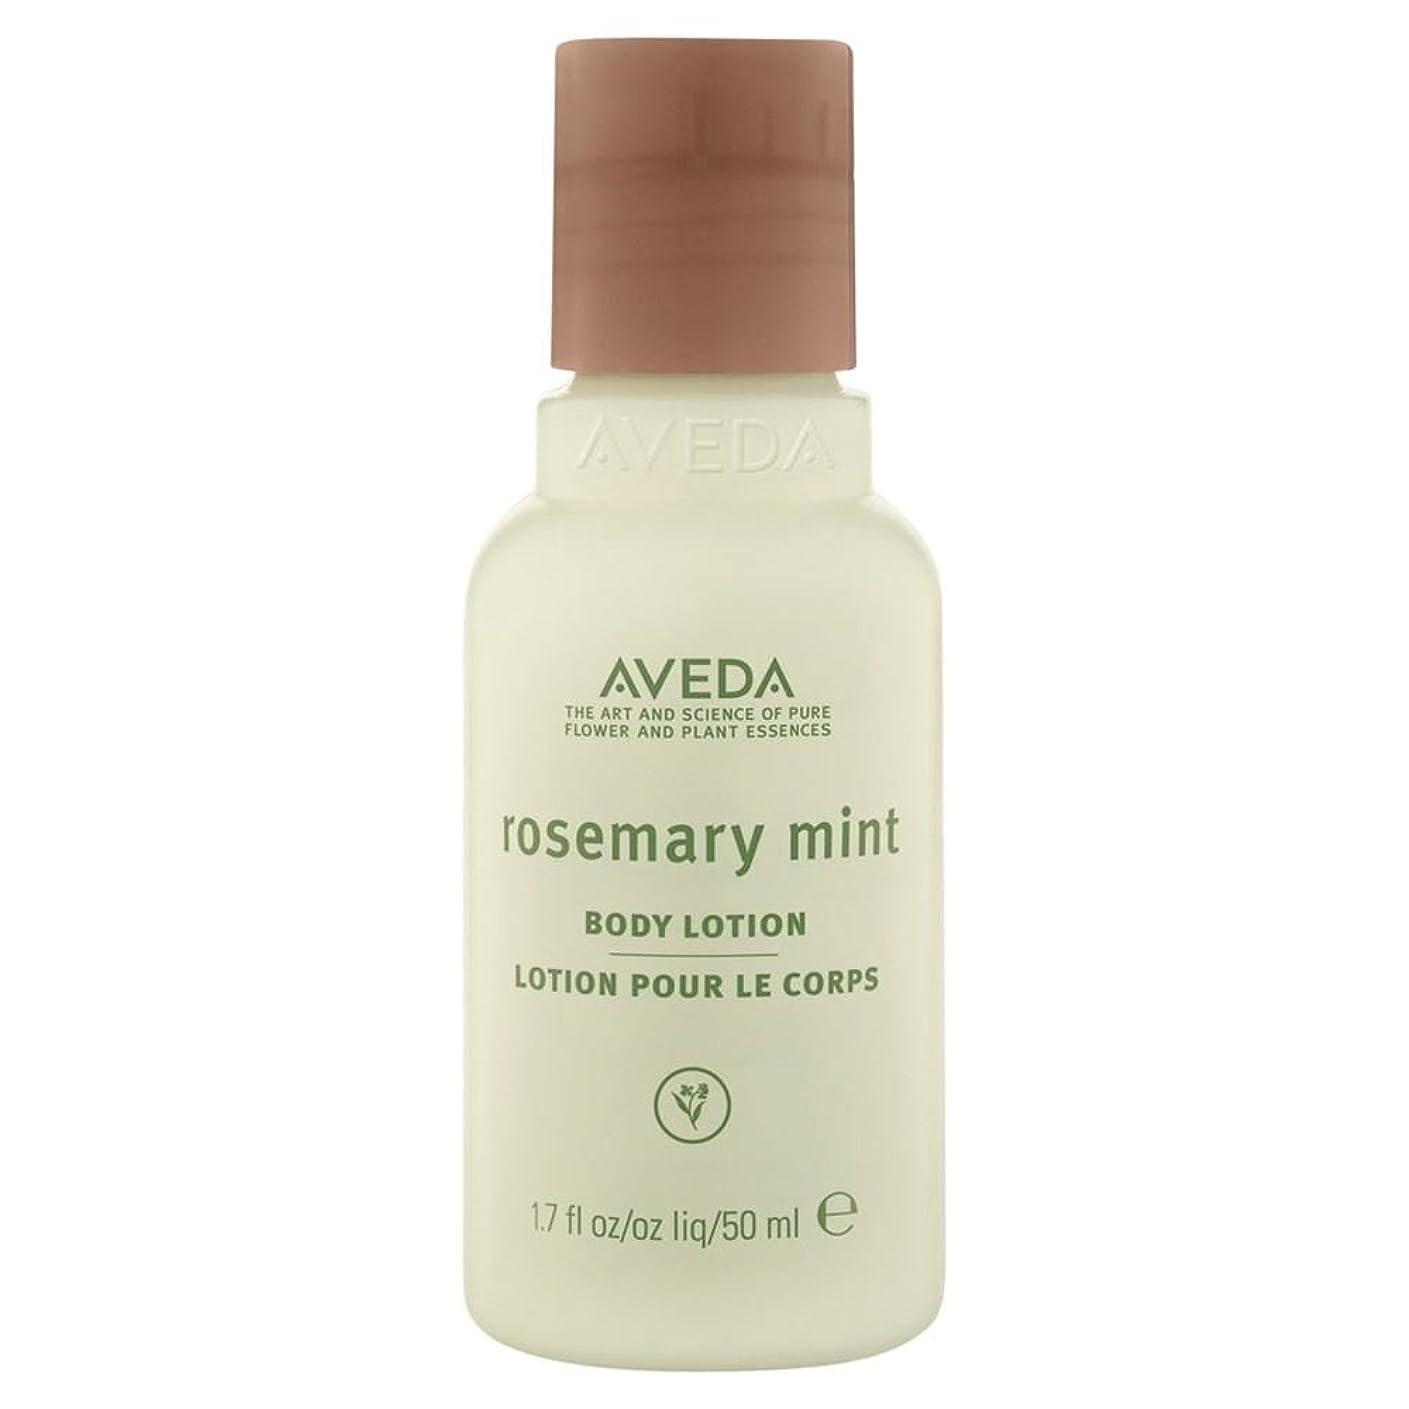 認知敗北異形[AVEDA ] アヴェダローズマリーミントボディローション50ミリリットル - AVEDA Rosemary Mint Body Lotion 50ml [並行輸入品]